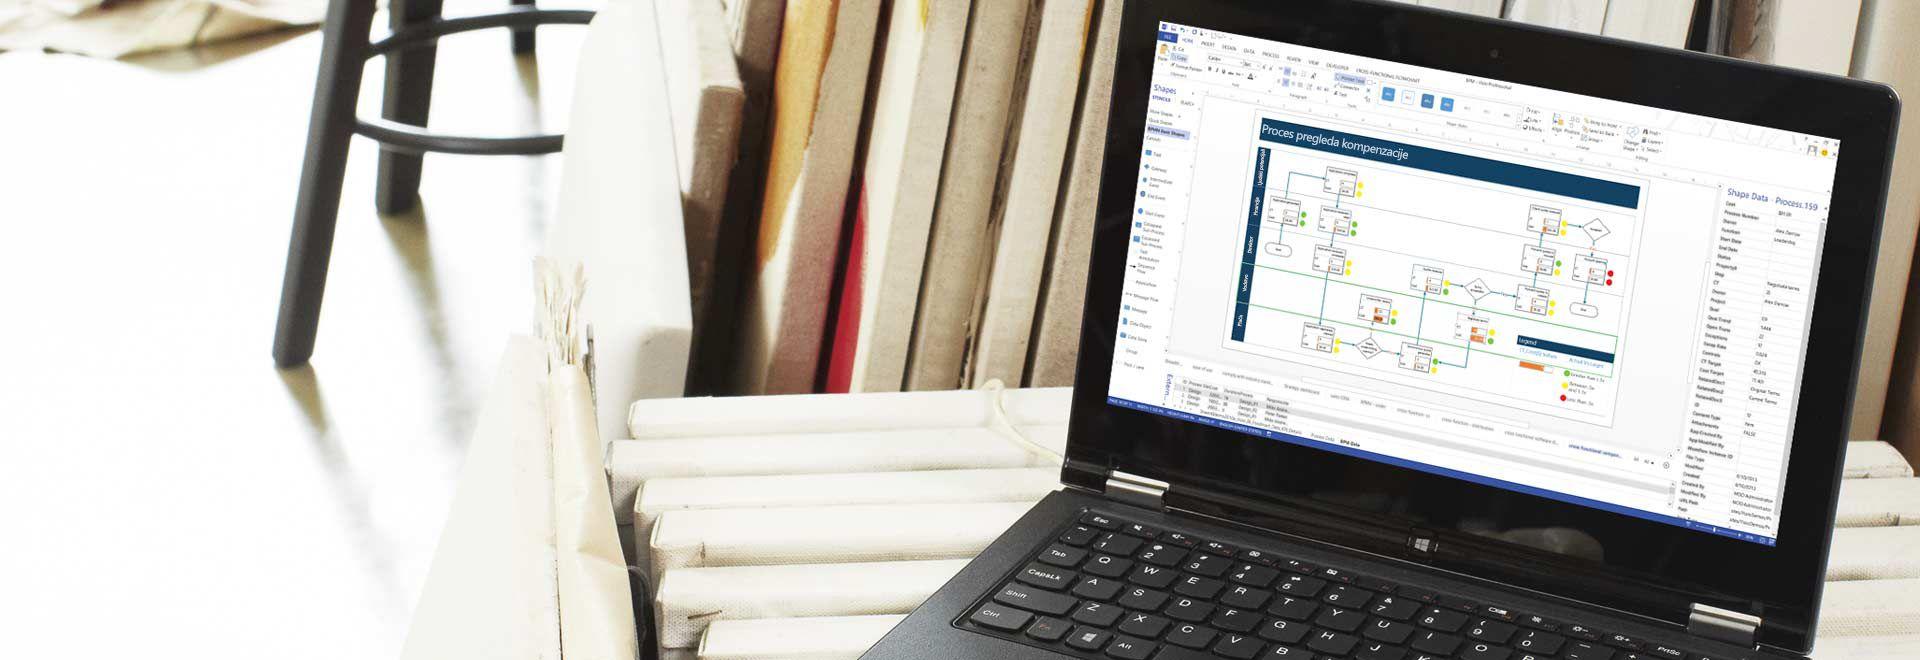 Prijenosno računalo na kojem se prikazuje dijagram tijeka procesa u programu Visio Pro za Office 365